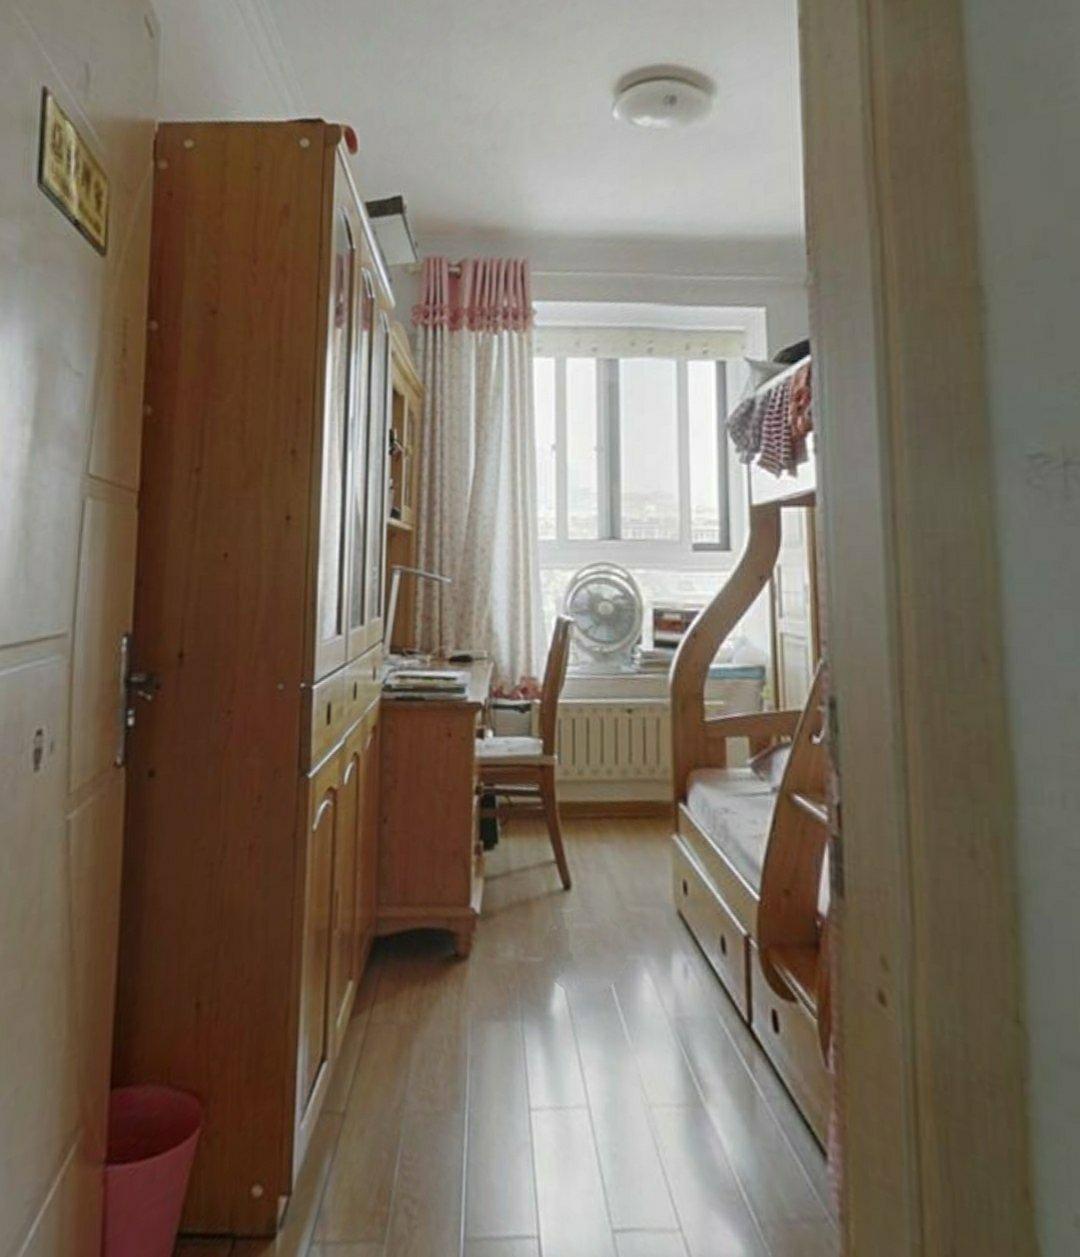 天桥区工人新村普通2室2厅1卫二手房出售